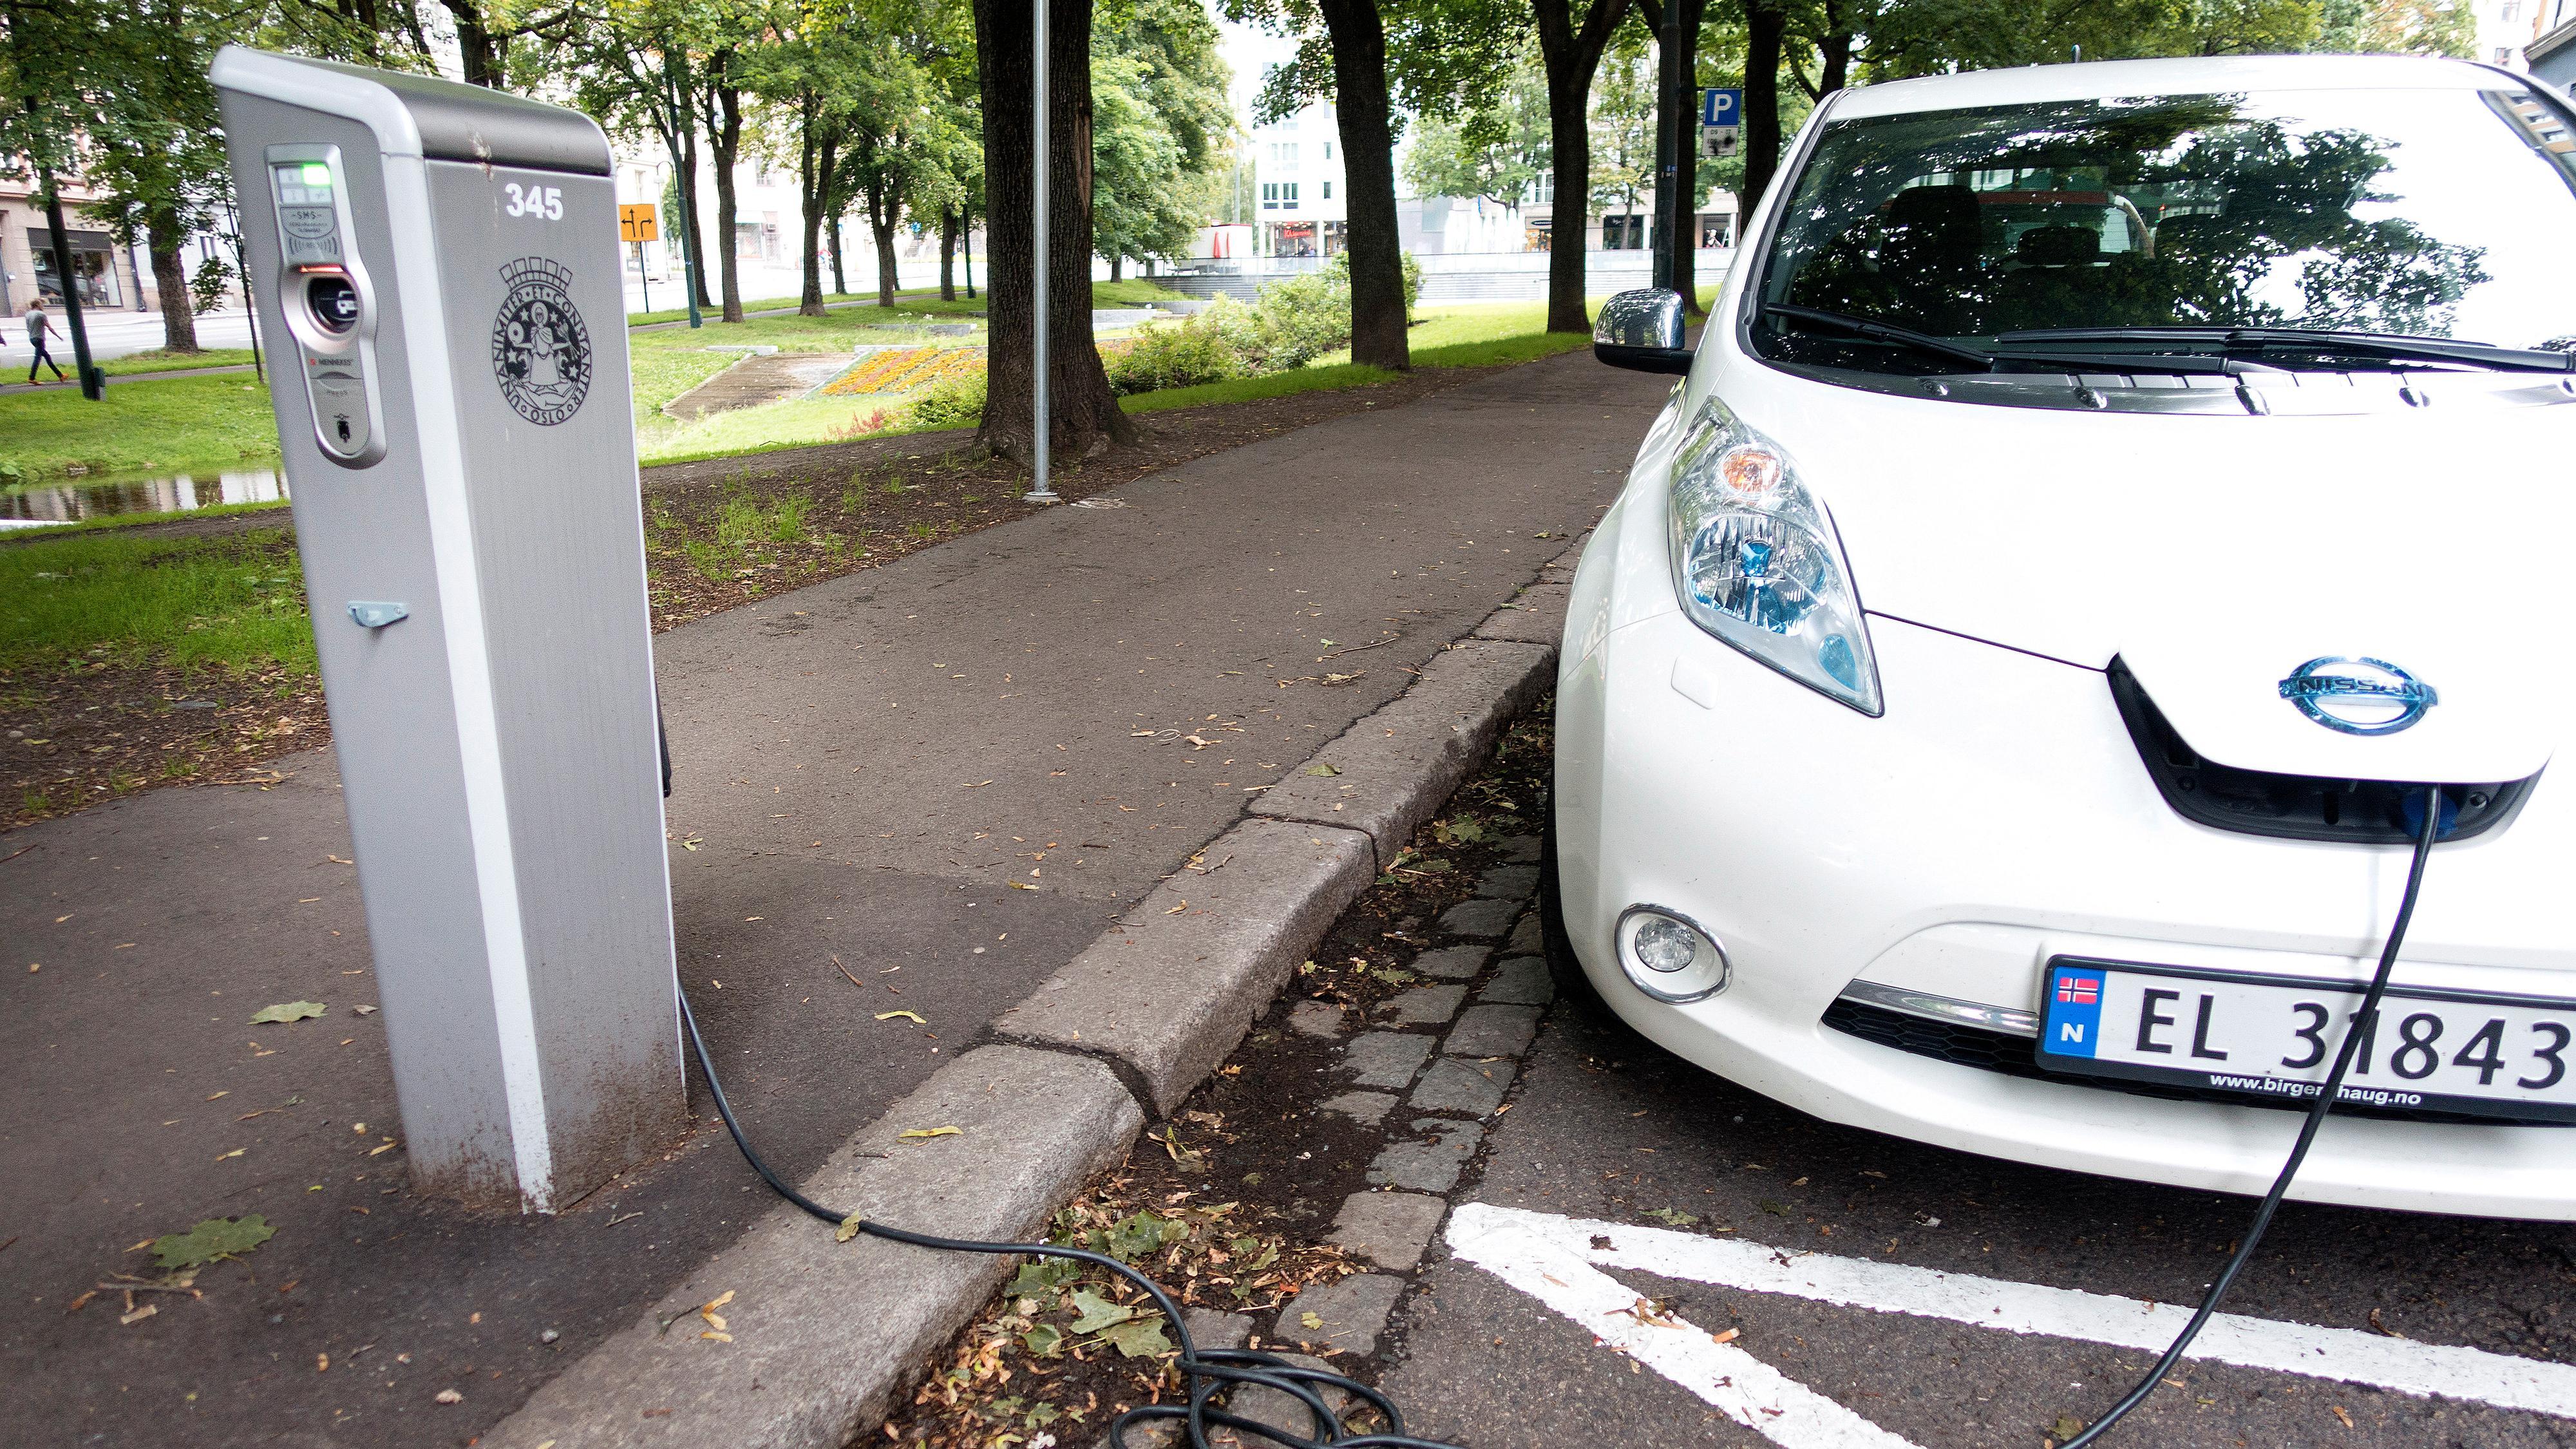 Oslo fikk 10 000 nye elbiler i fjor. Kommunen satte opp to nye ladere